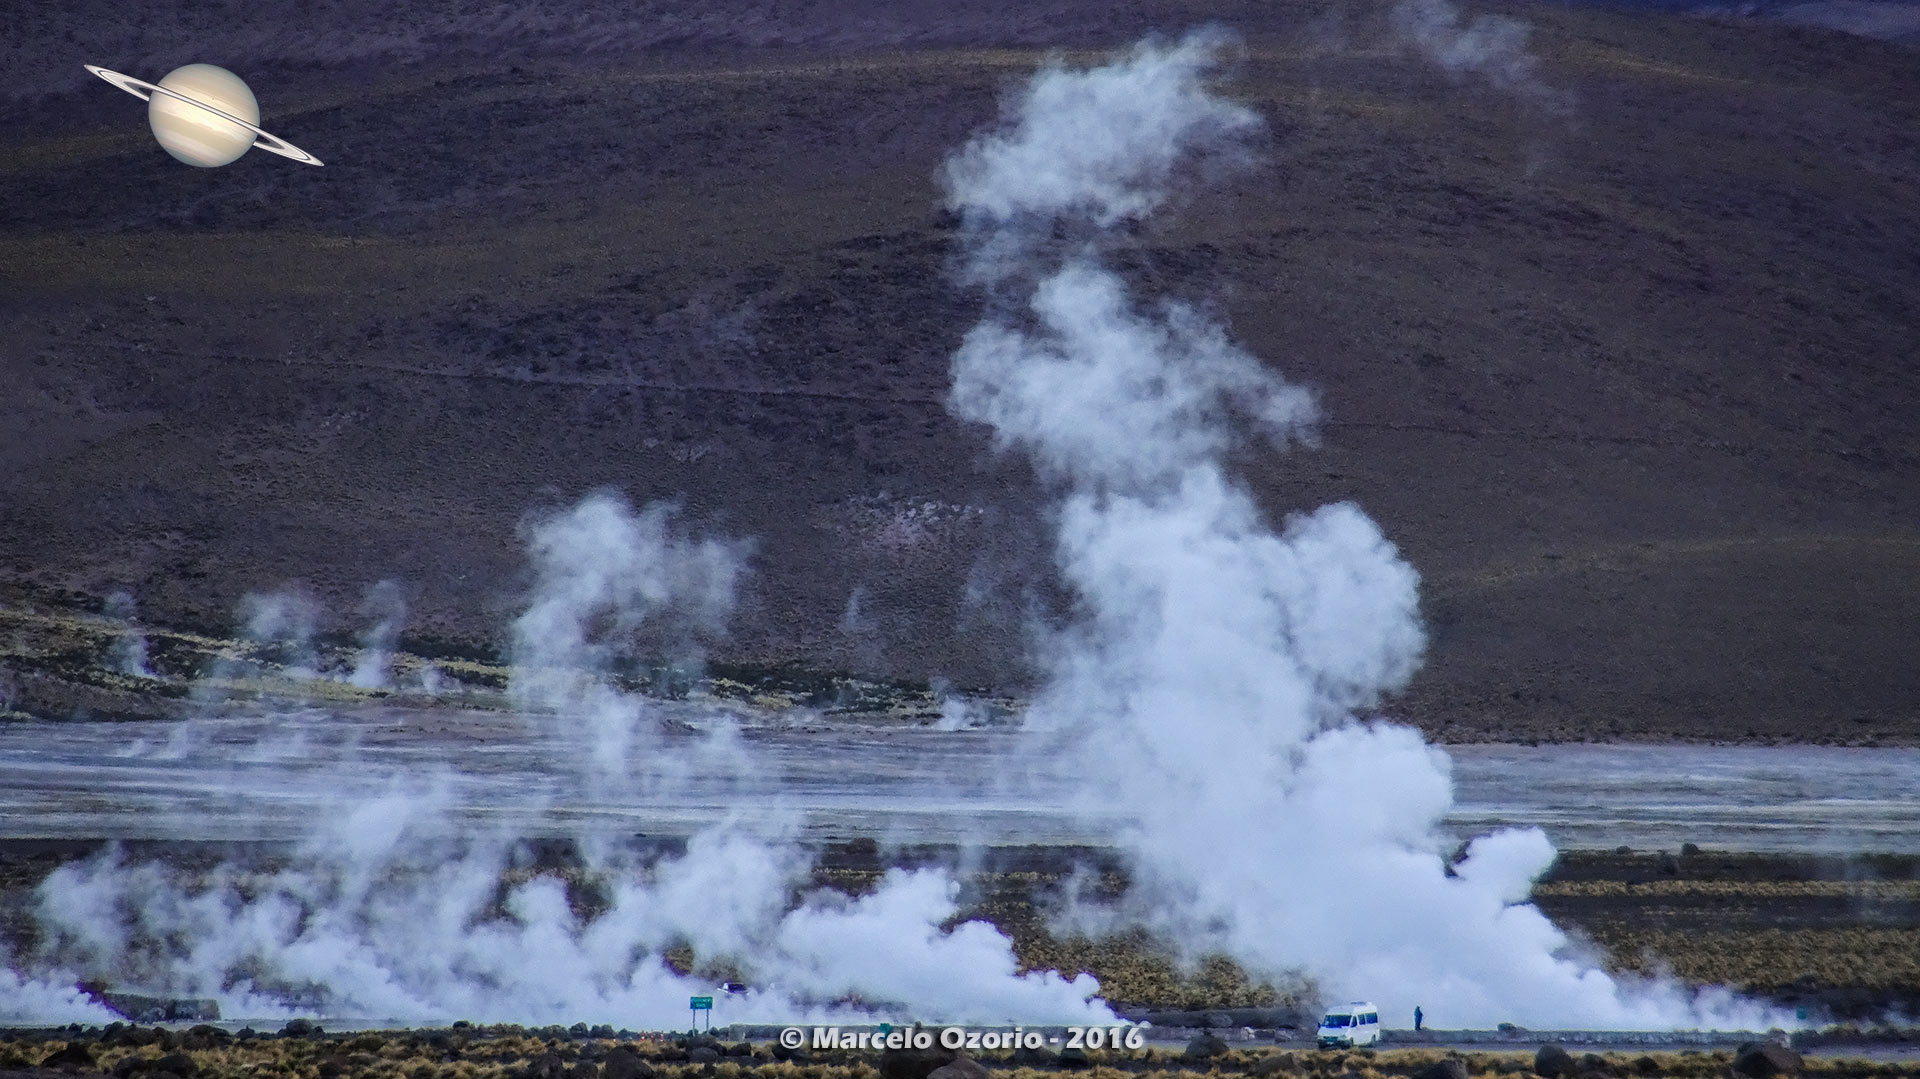 el tatio geysers atacama desert 1 - The Surreal El Tatio Geysers - Atacama Desert - Chile